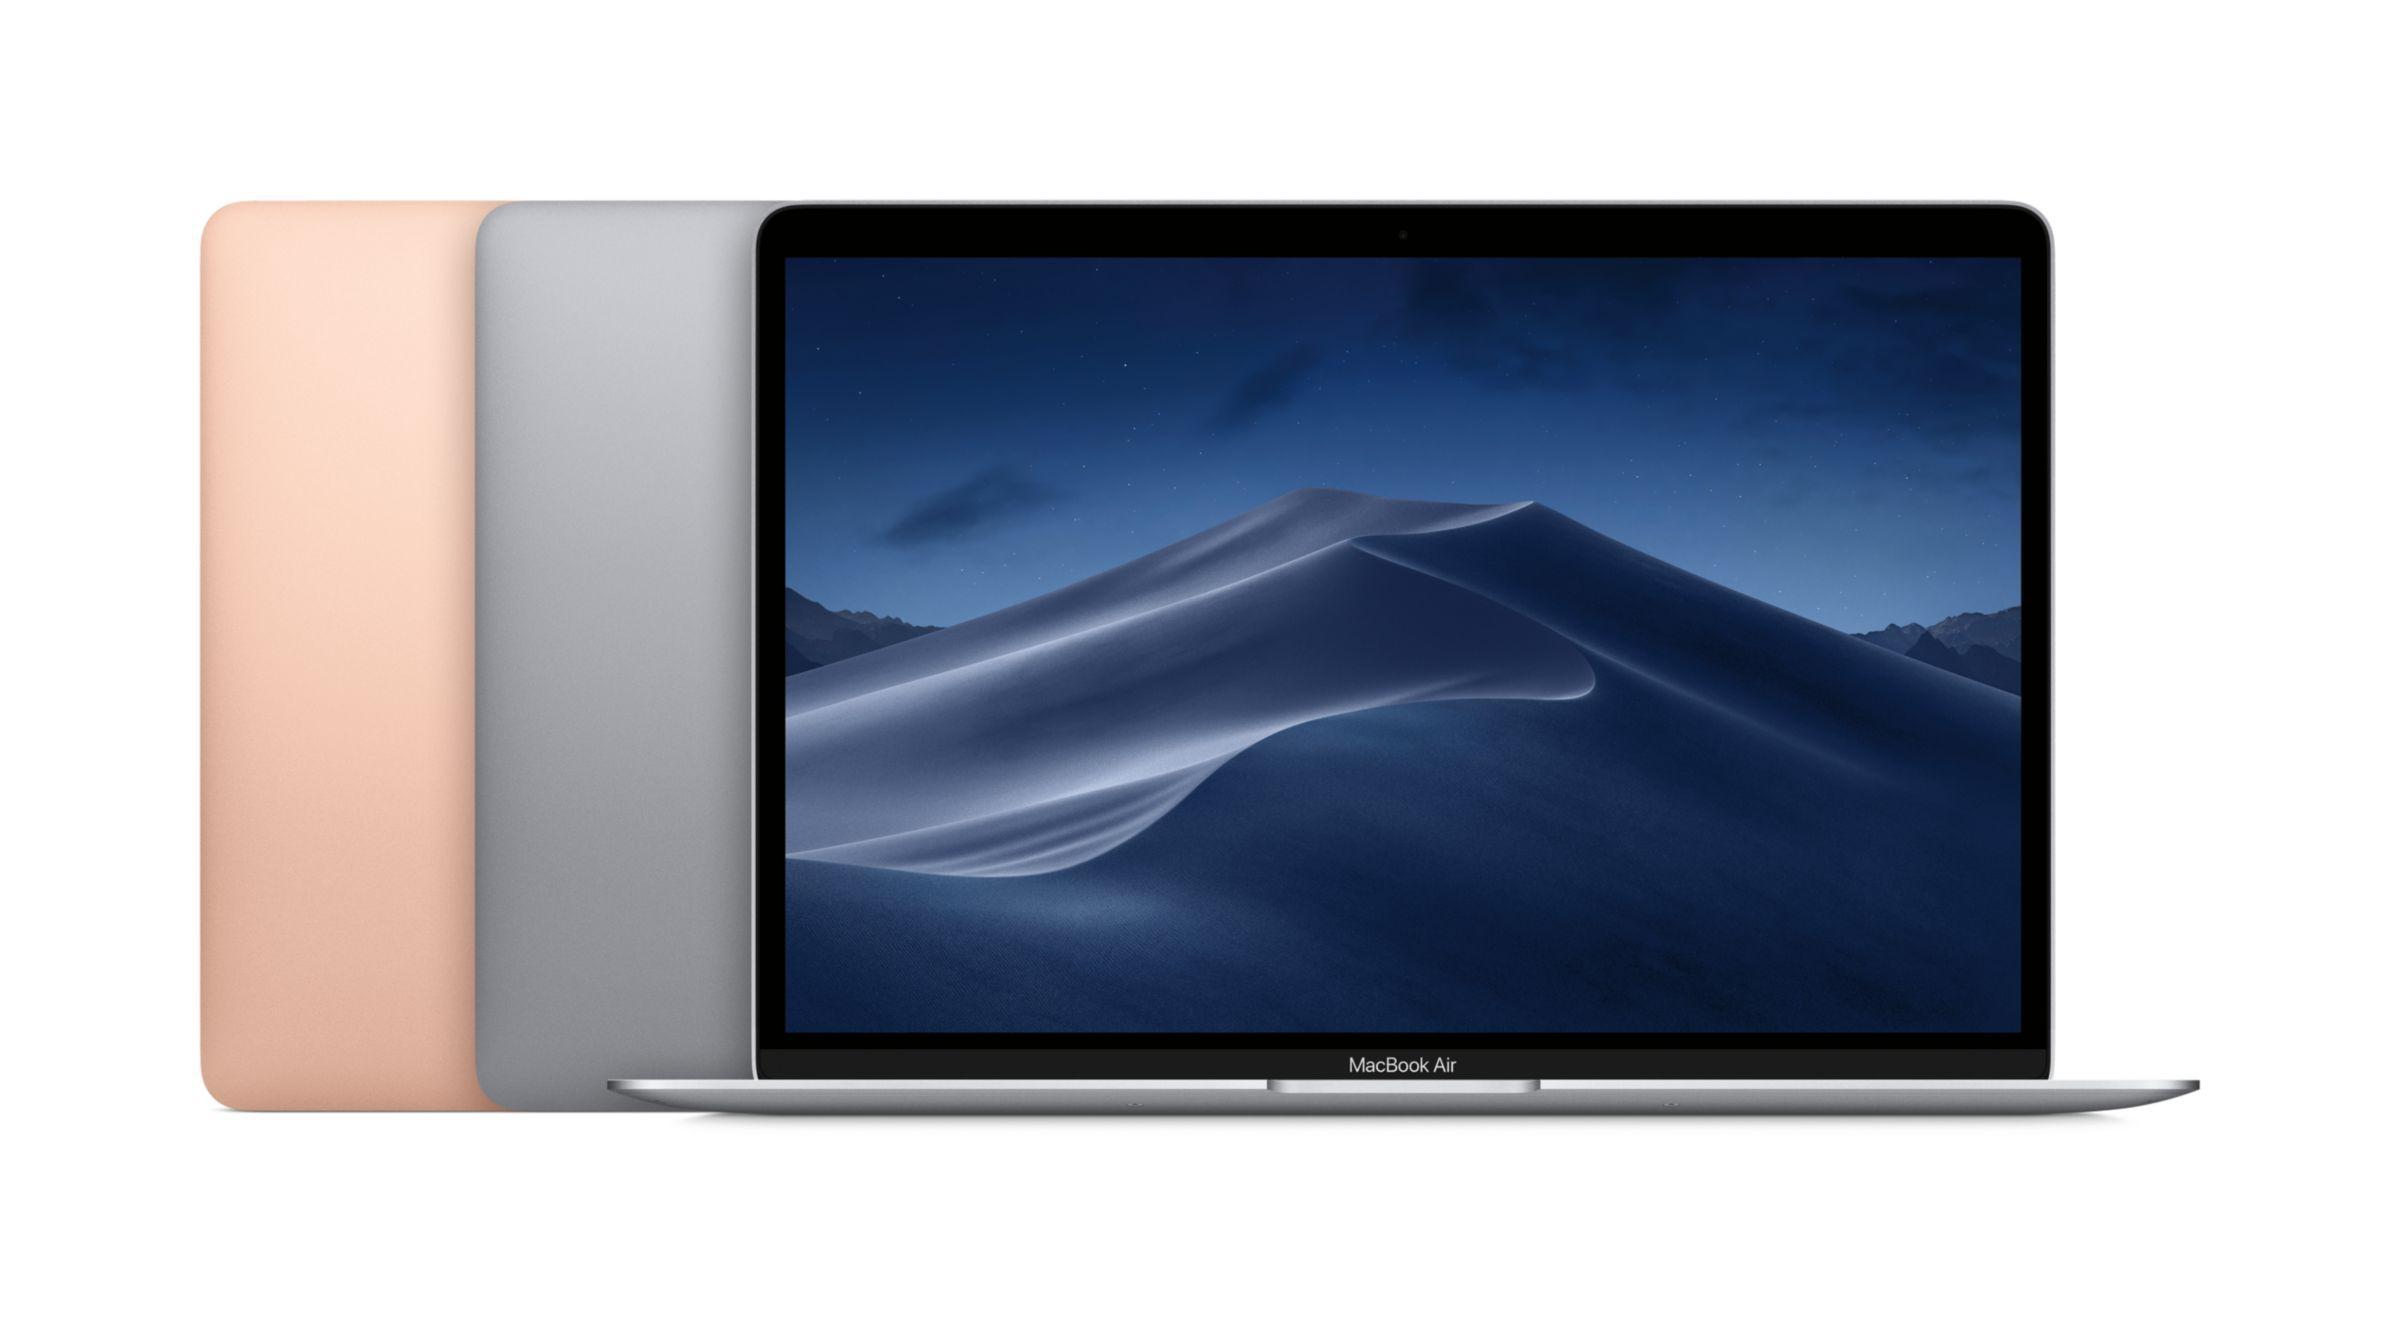 2019 Apple Macbook Air 13 3 In 2020 Apple Macbook Air Macbook Macbook Air